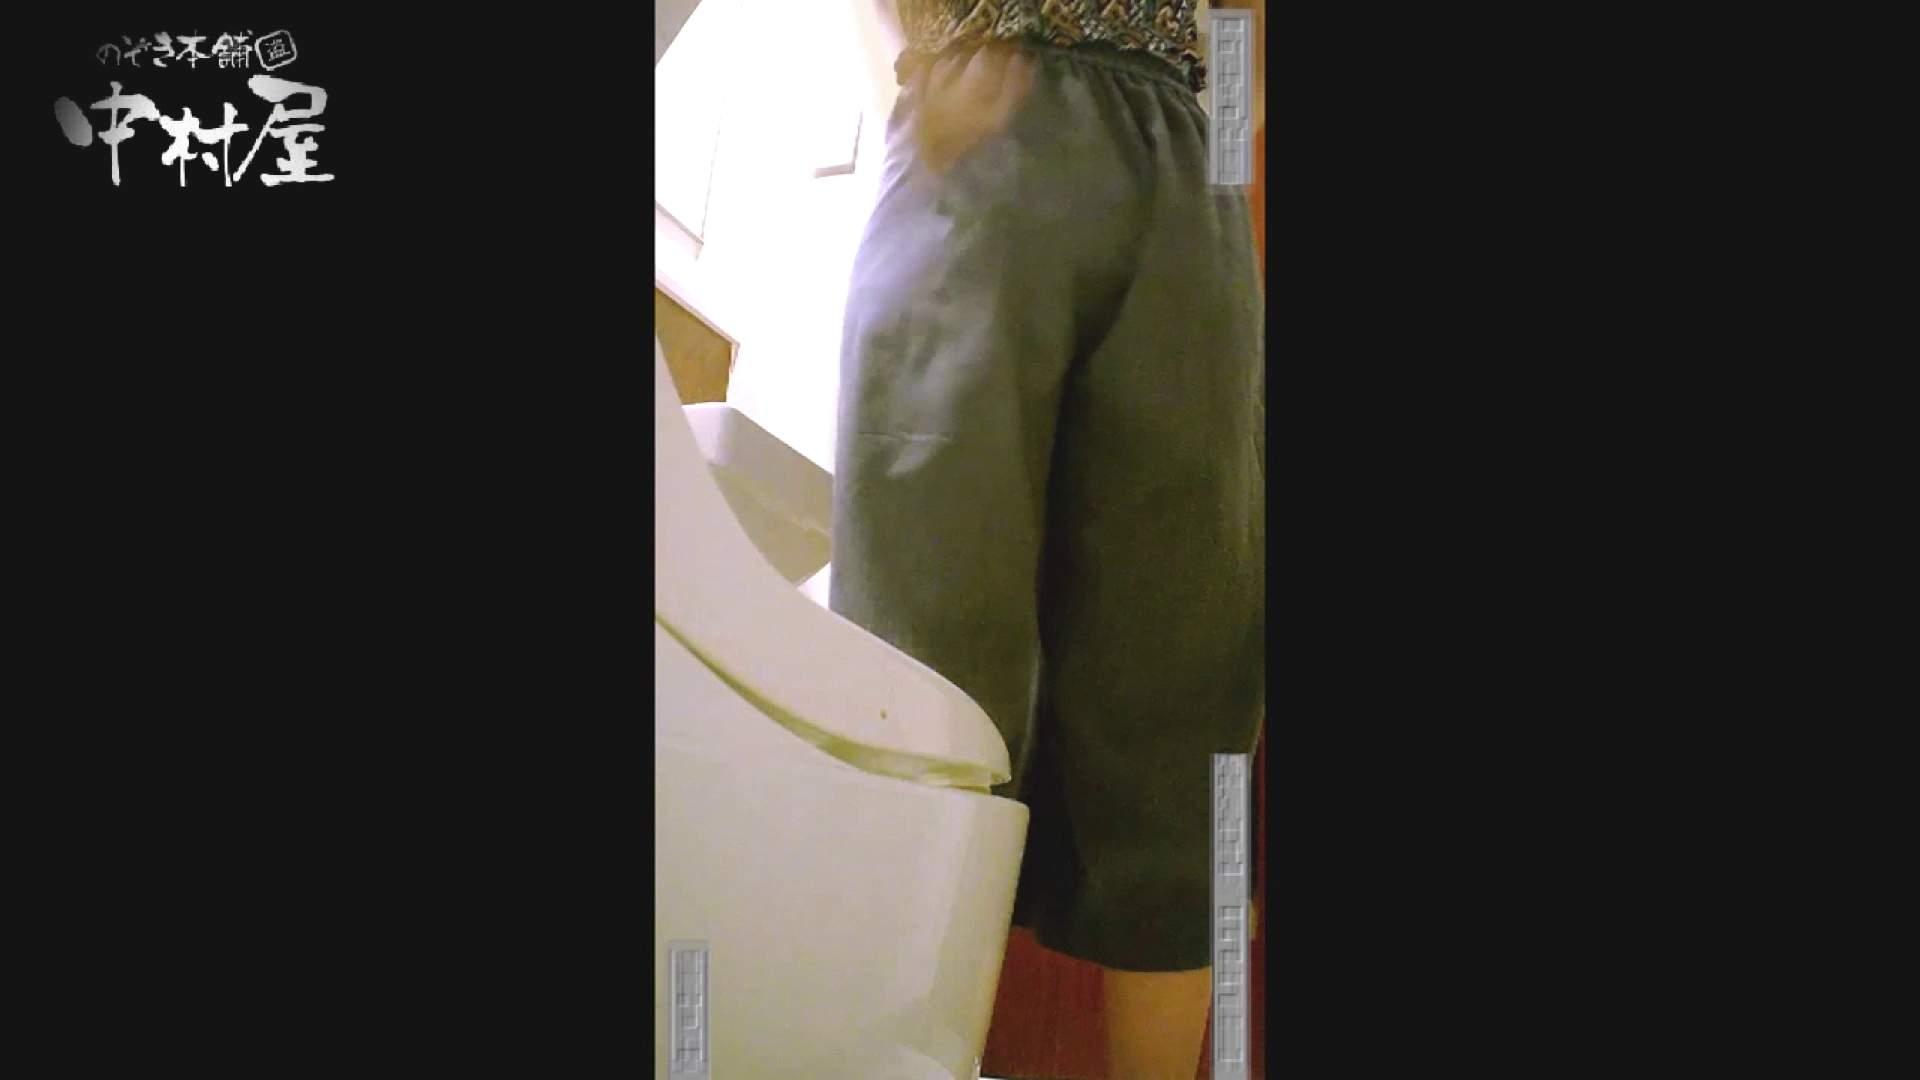 高画質トイレ盗撮vol.10 女子トイレ編  94PIX 84